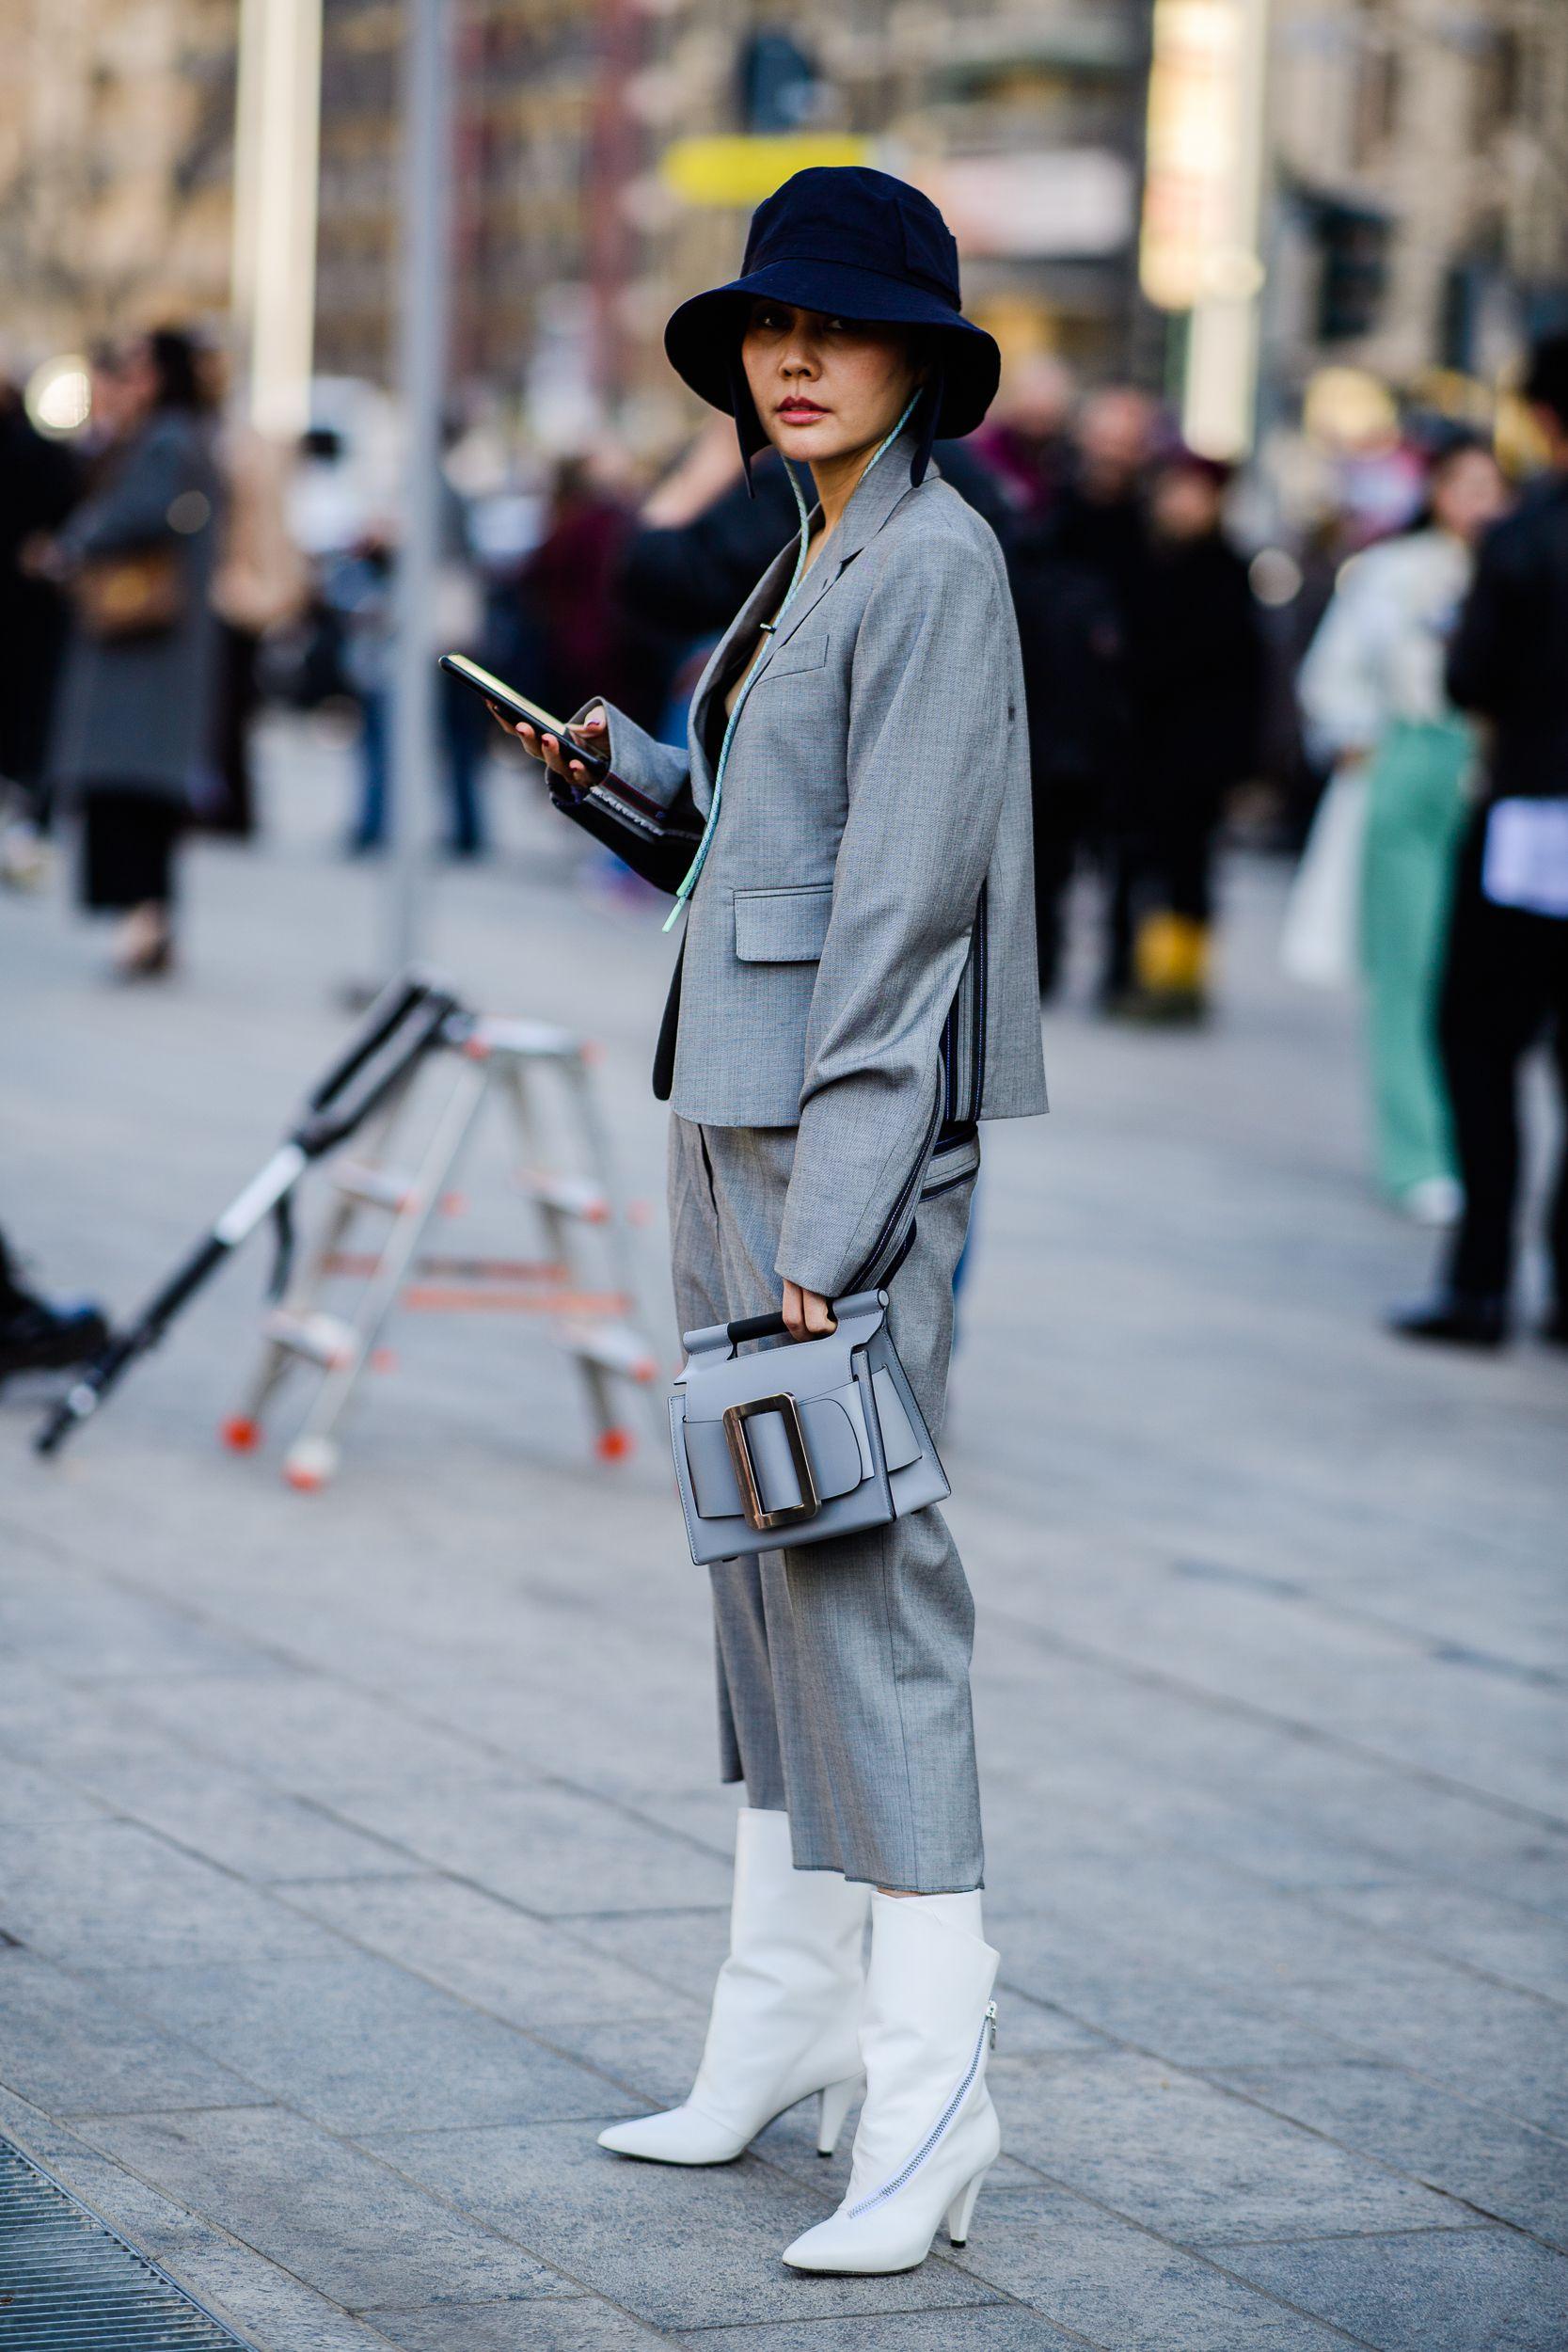 """xu hướng thời trang đường phố hứa hẹn sẽ """"khuấy động"""" làng mốt 31"""